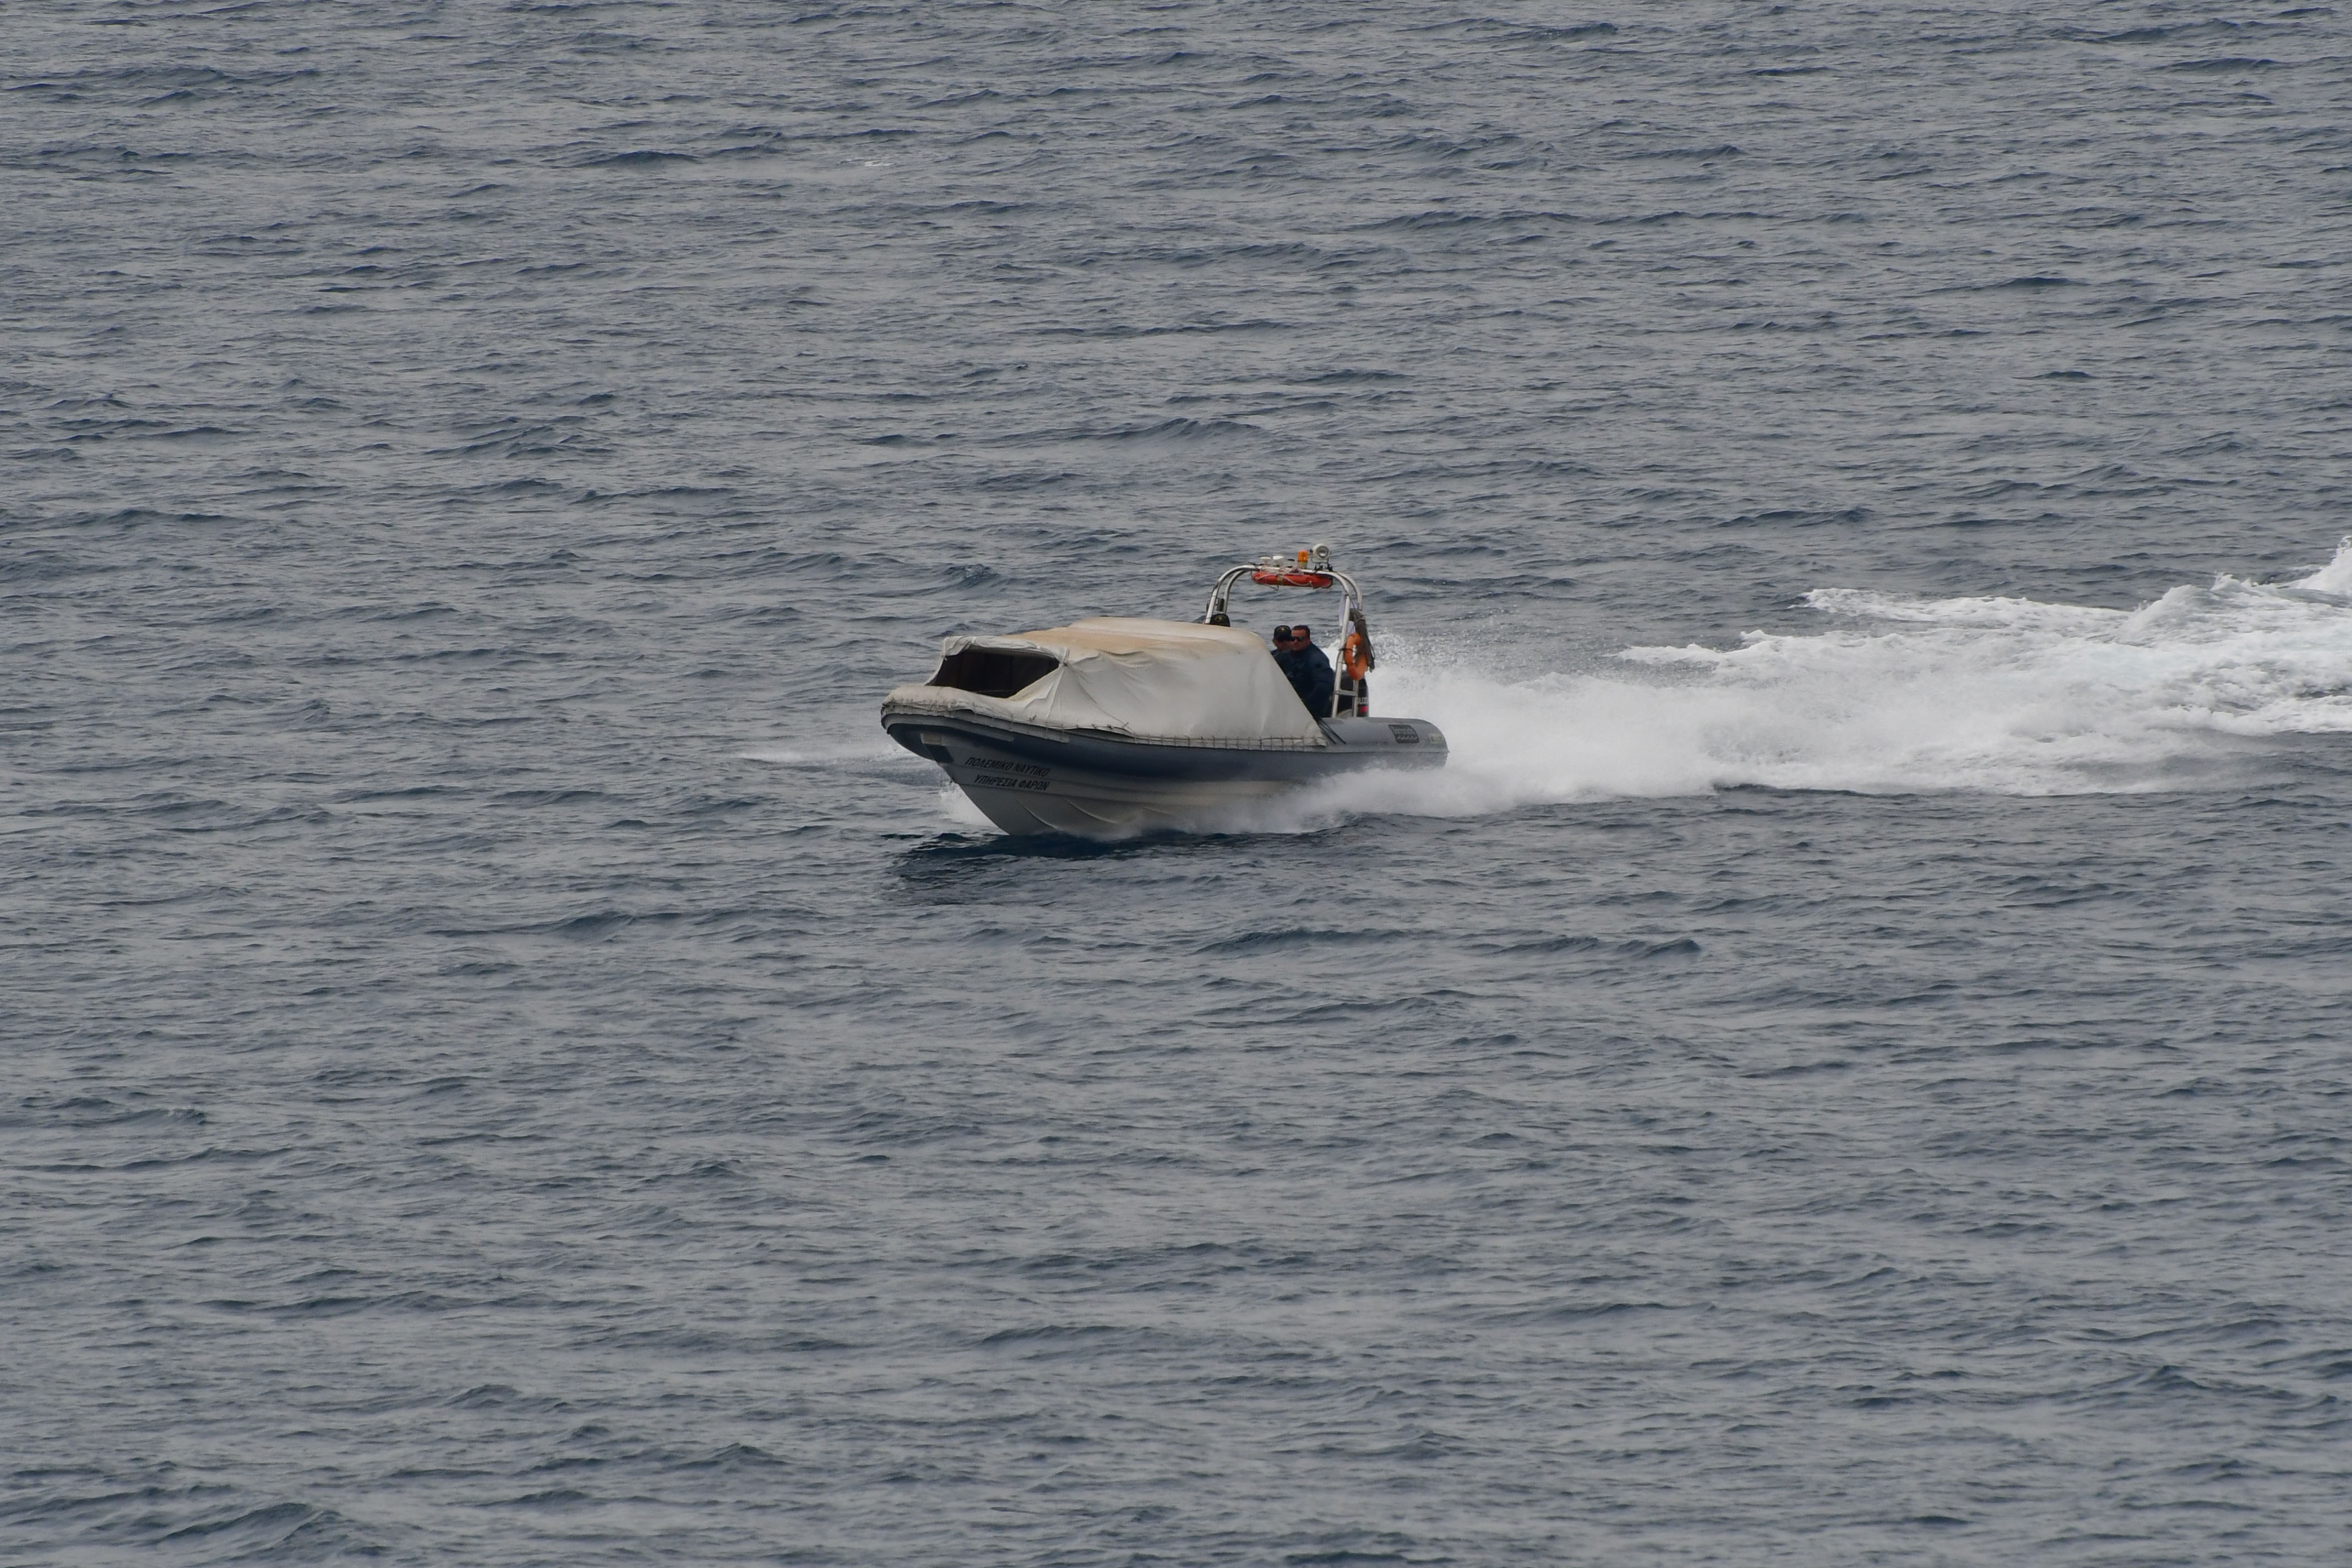 Κύμη: Βρέθηκε σώα η 21χρονη κολυμβήτρια που αγνοούνταν   tovima.gr